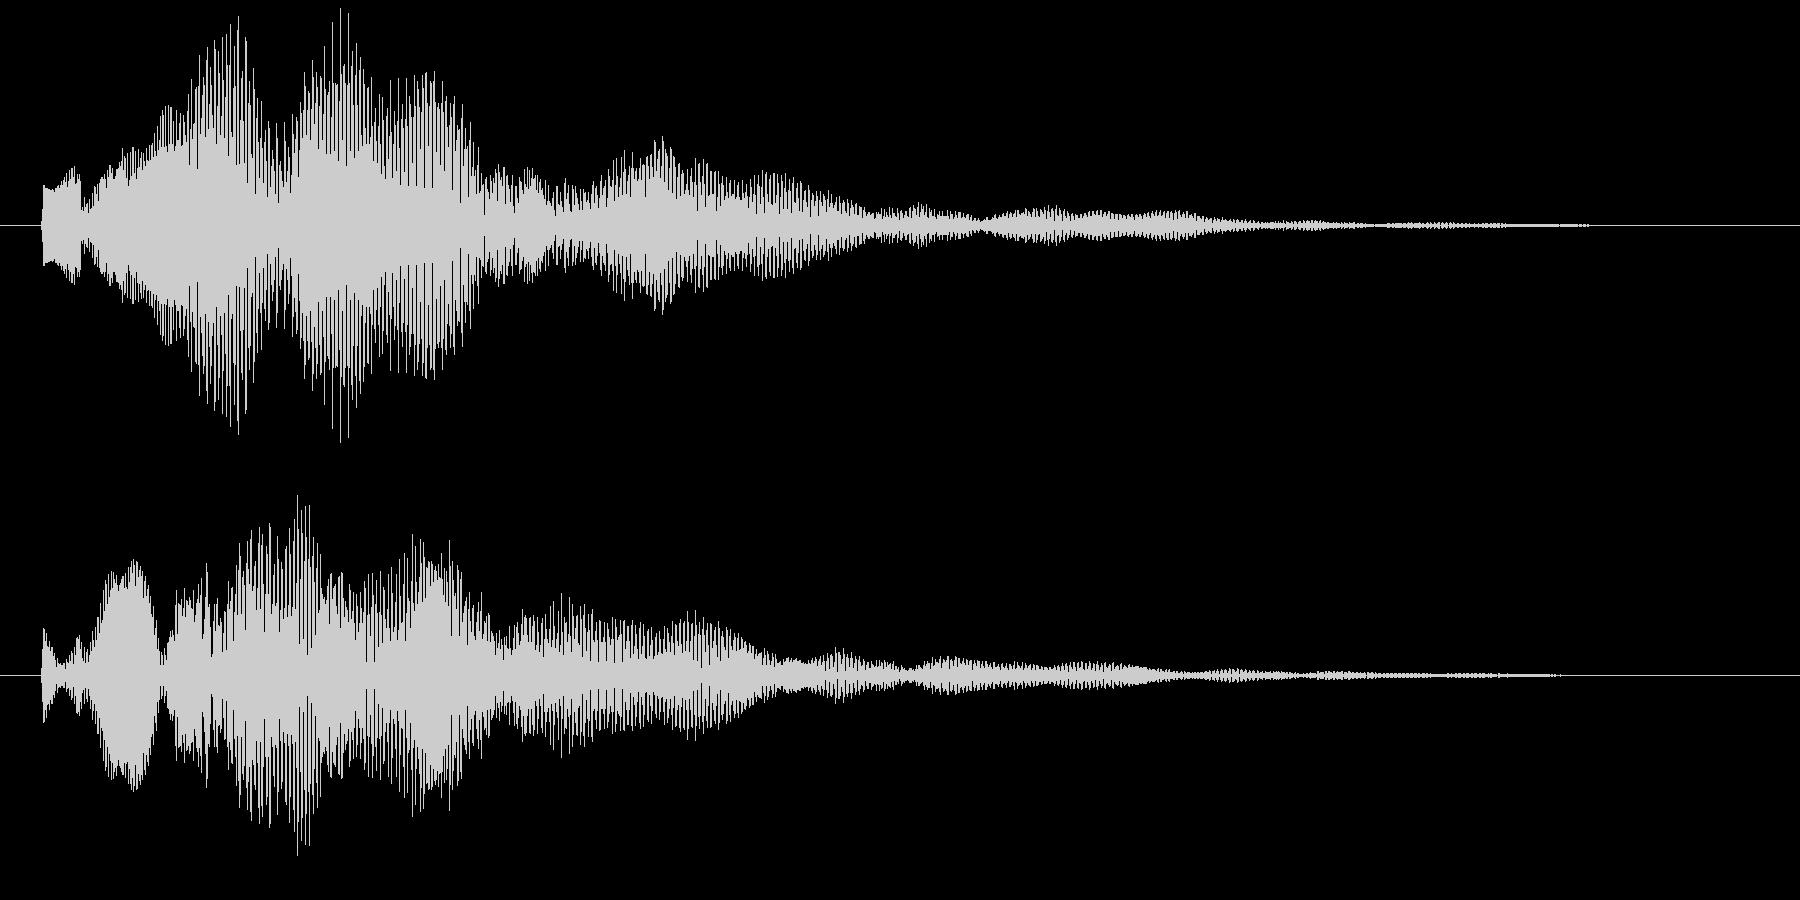 カウントダウン 探知レーダー 決定 選択の未再生の波形